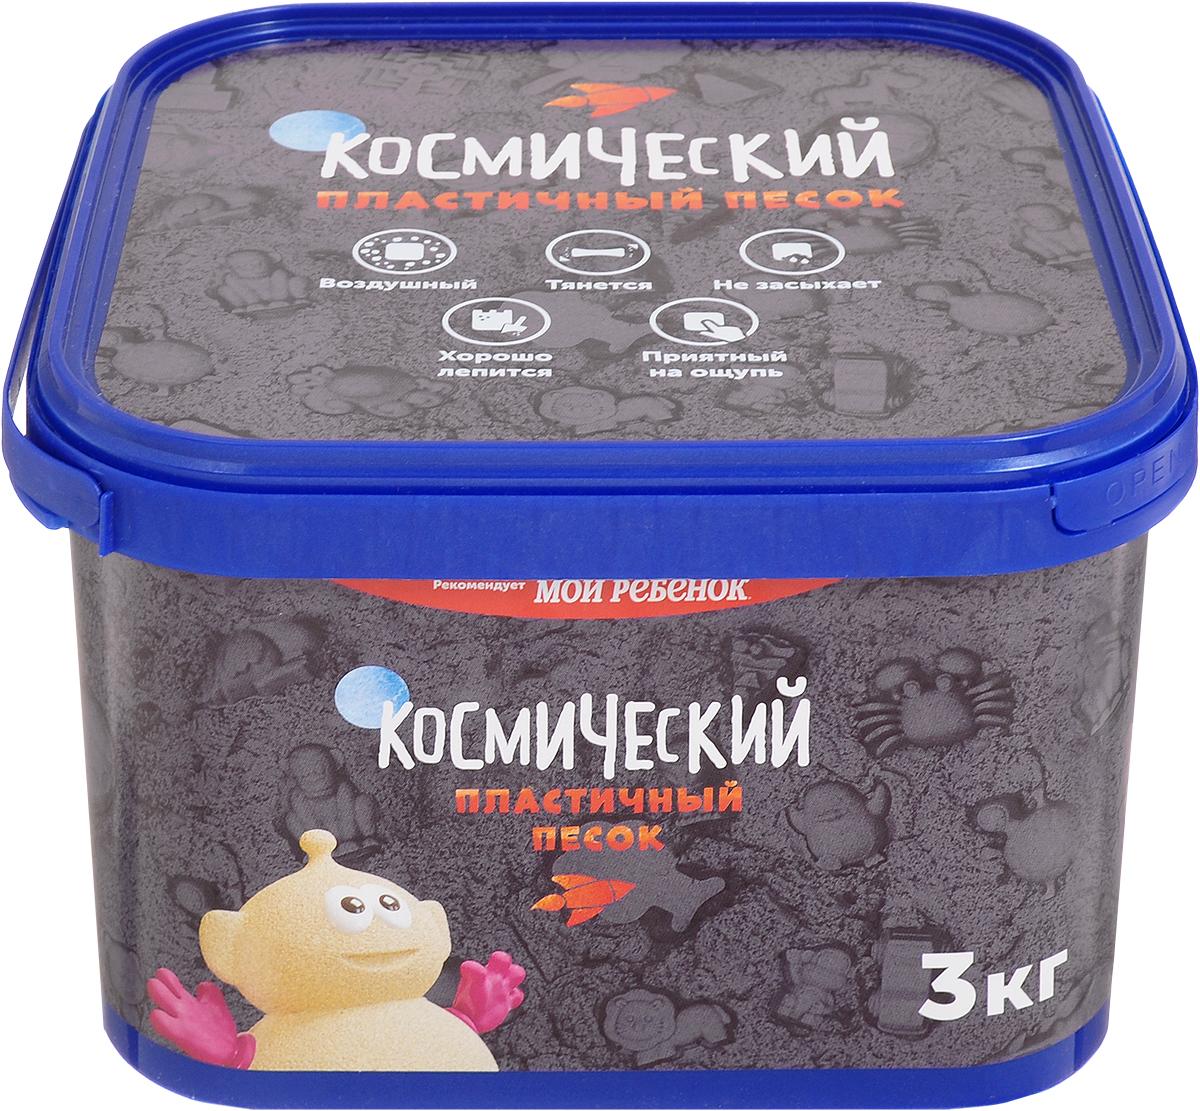 итоге едят космический песок россия фото можете ознакомиться всей